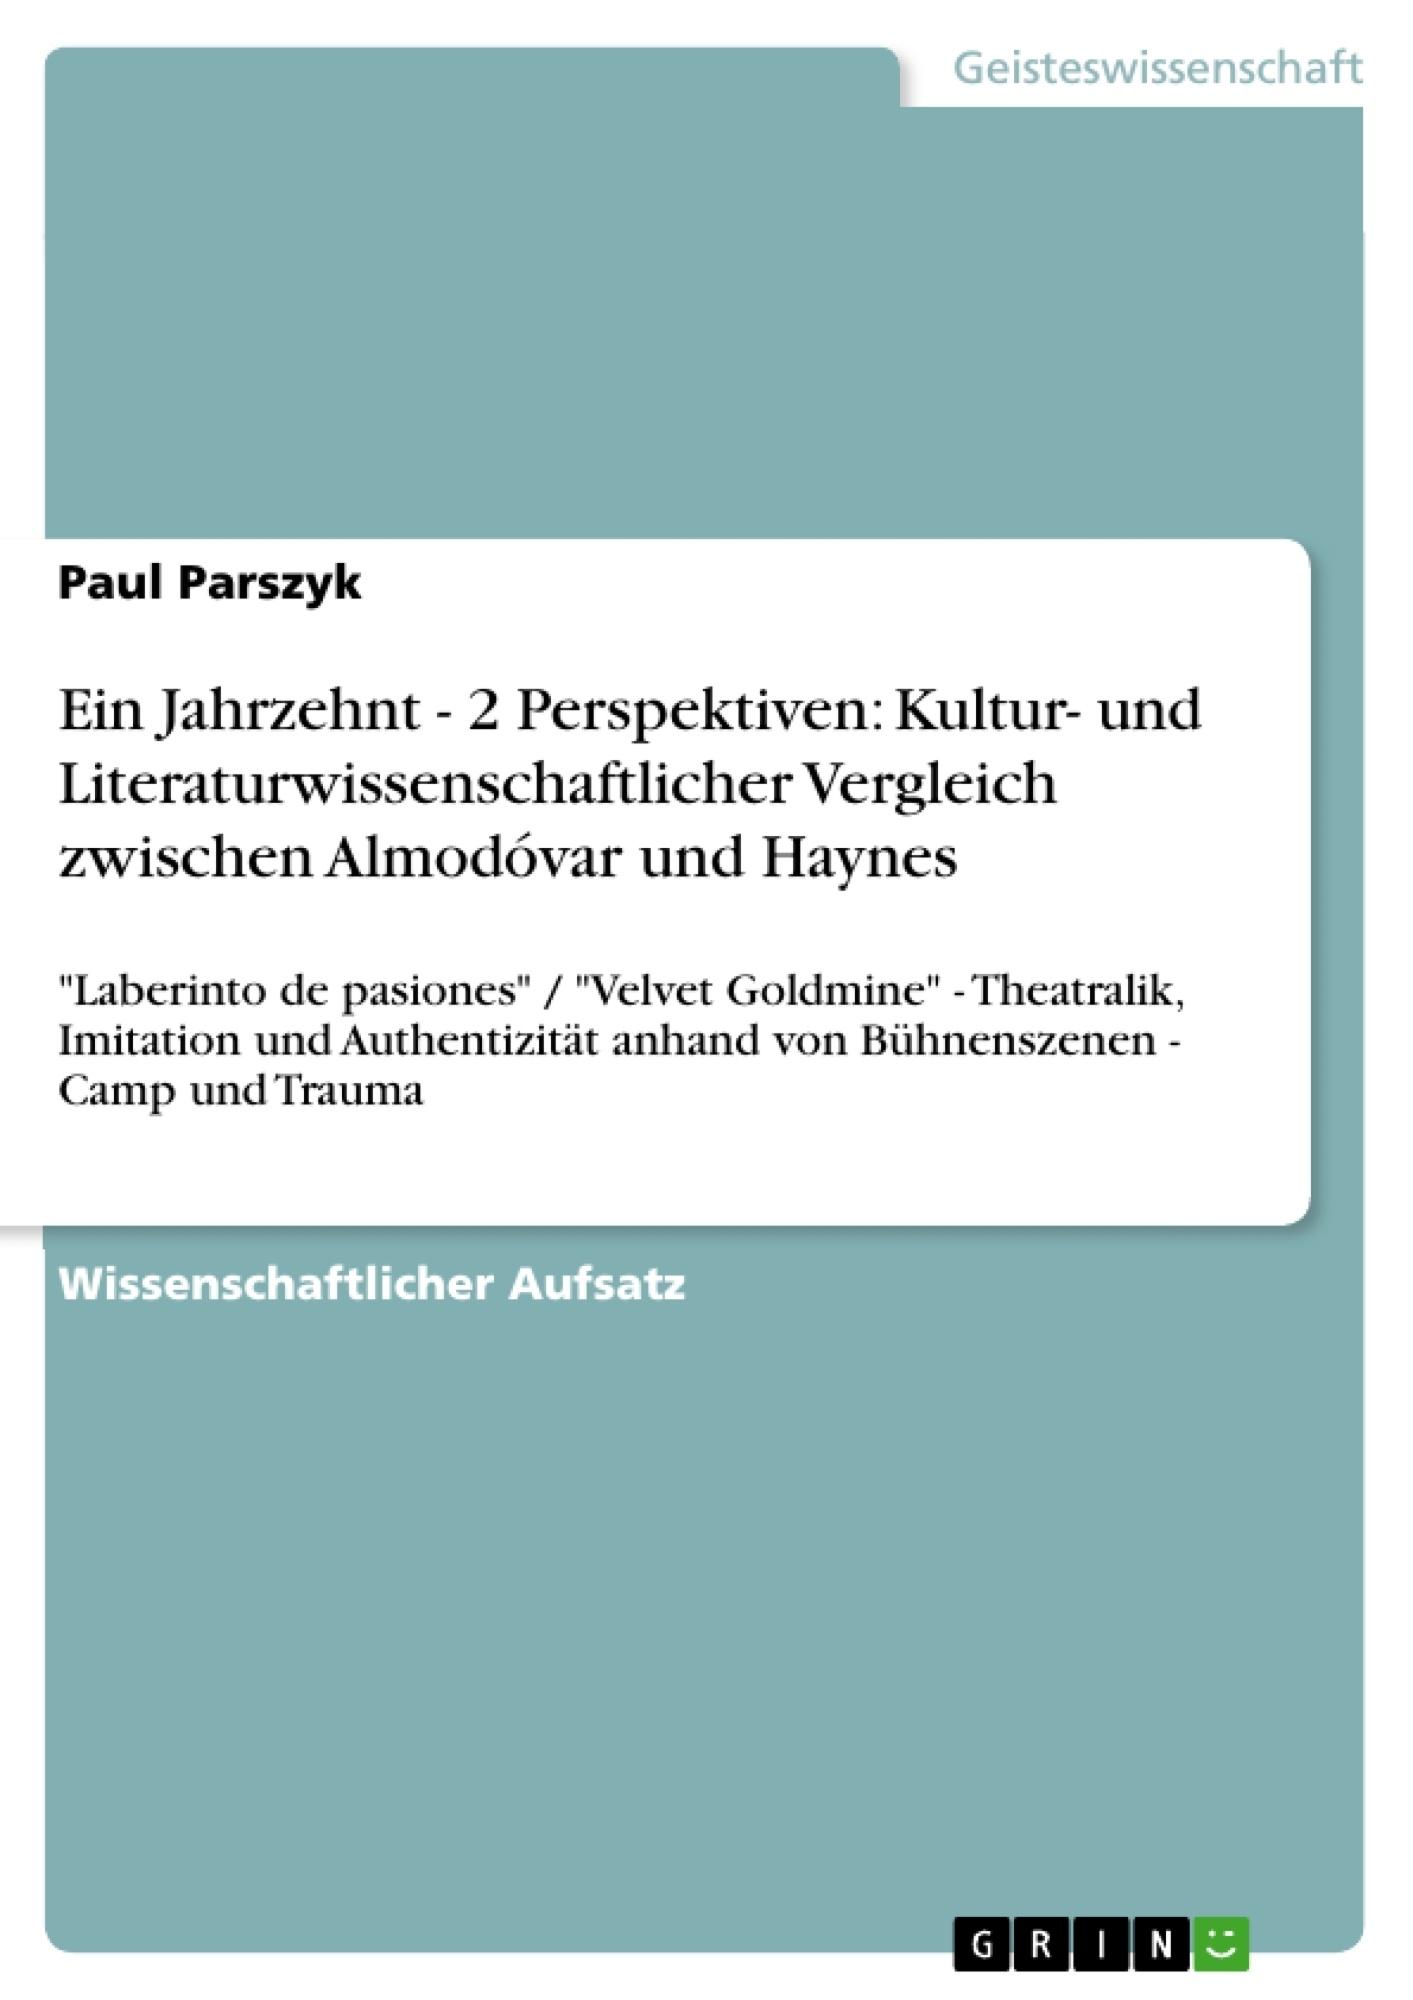 Titel: Ein Jahrzehnt - 2 Perspektiven: Kultur- und Literaturwissenschaftlicher Vergleich zwischen Almodóvar und Haynes